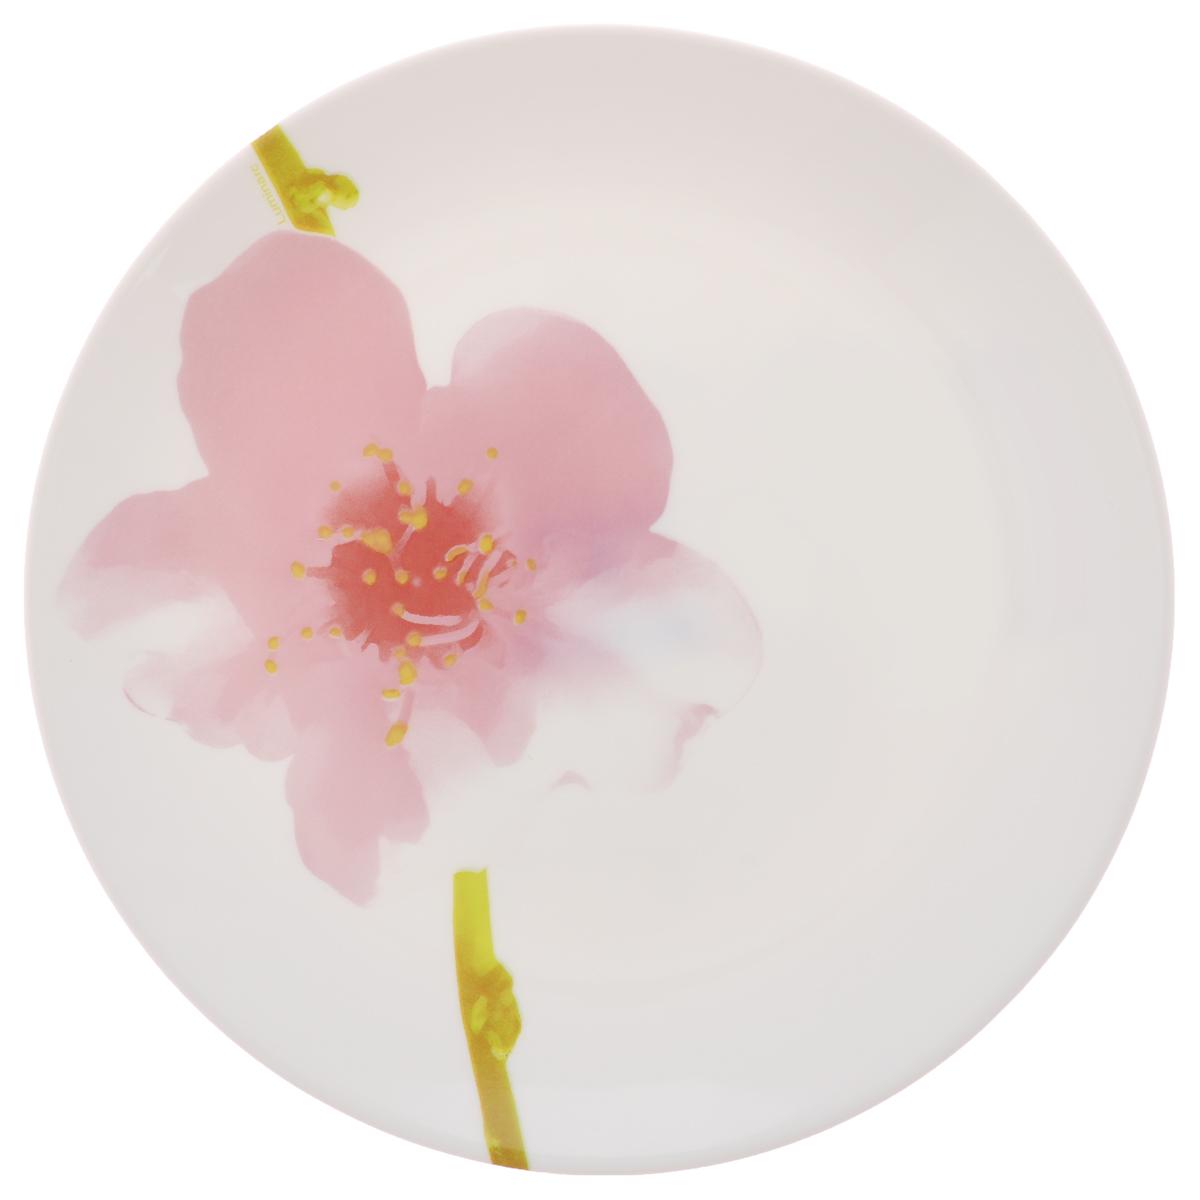 Тарелка десертная Luminarc Water Color, диаметр 19 смJ1331Десертная тарелка Luminarc Water Color, изготовленная из ударопрочного стекла, имеет изысканный внешний вид. Такая тарелка прекрасно подходит как для торжественных случаев, так и для повседневного использования. Идеальна для подачи десертов, пирожных, тортов и многого другого. Она прекрасно оформит стол и станет отличным дополнением к вашей коллекции кухонной посуды. Диаметр тарелки (по верхнему краю): 19 см.